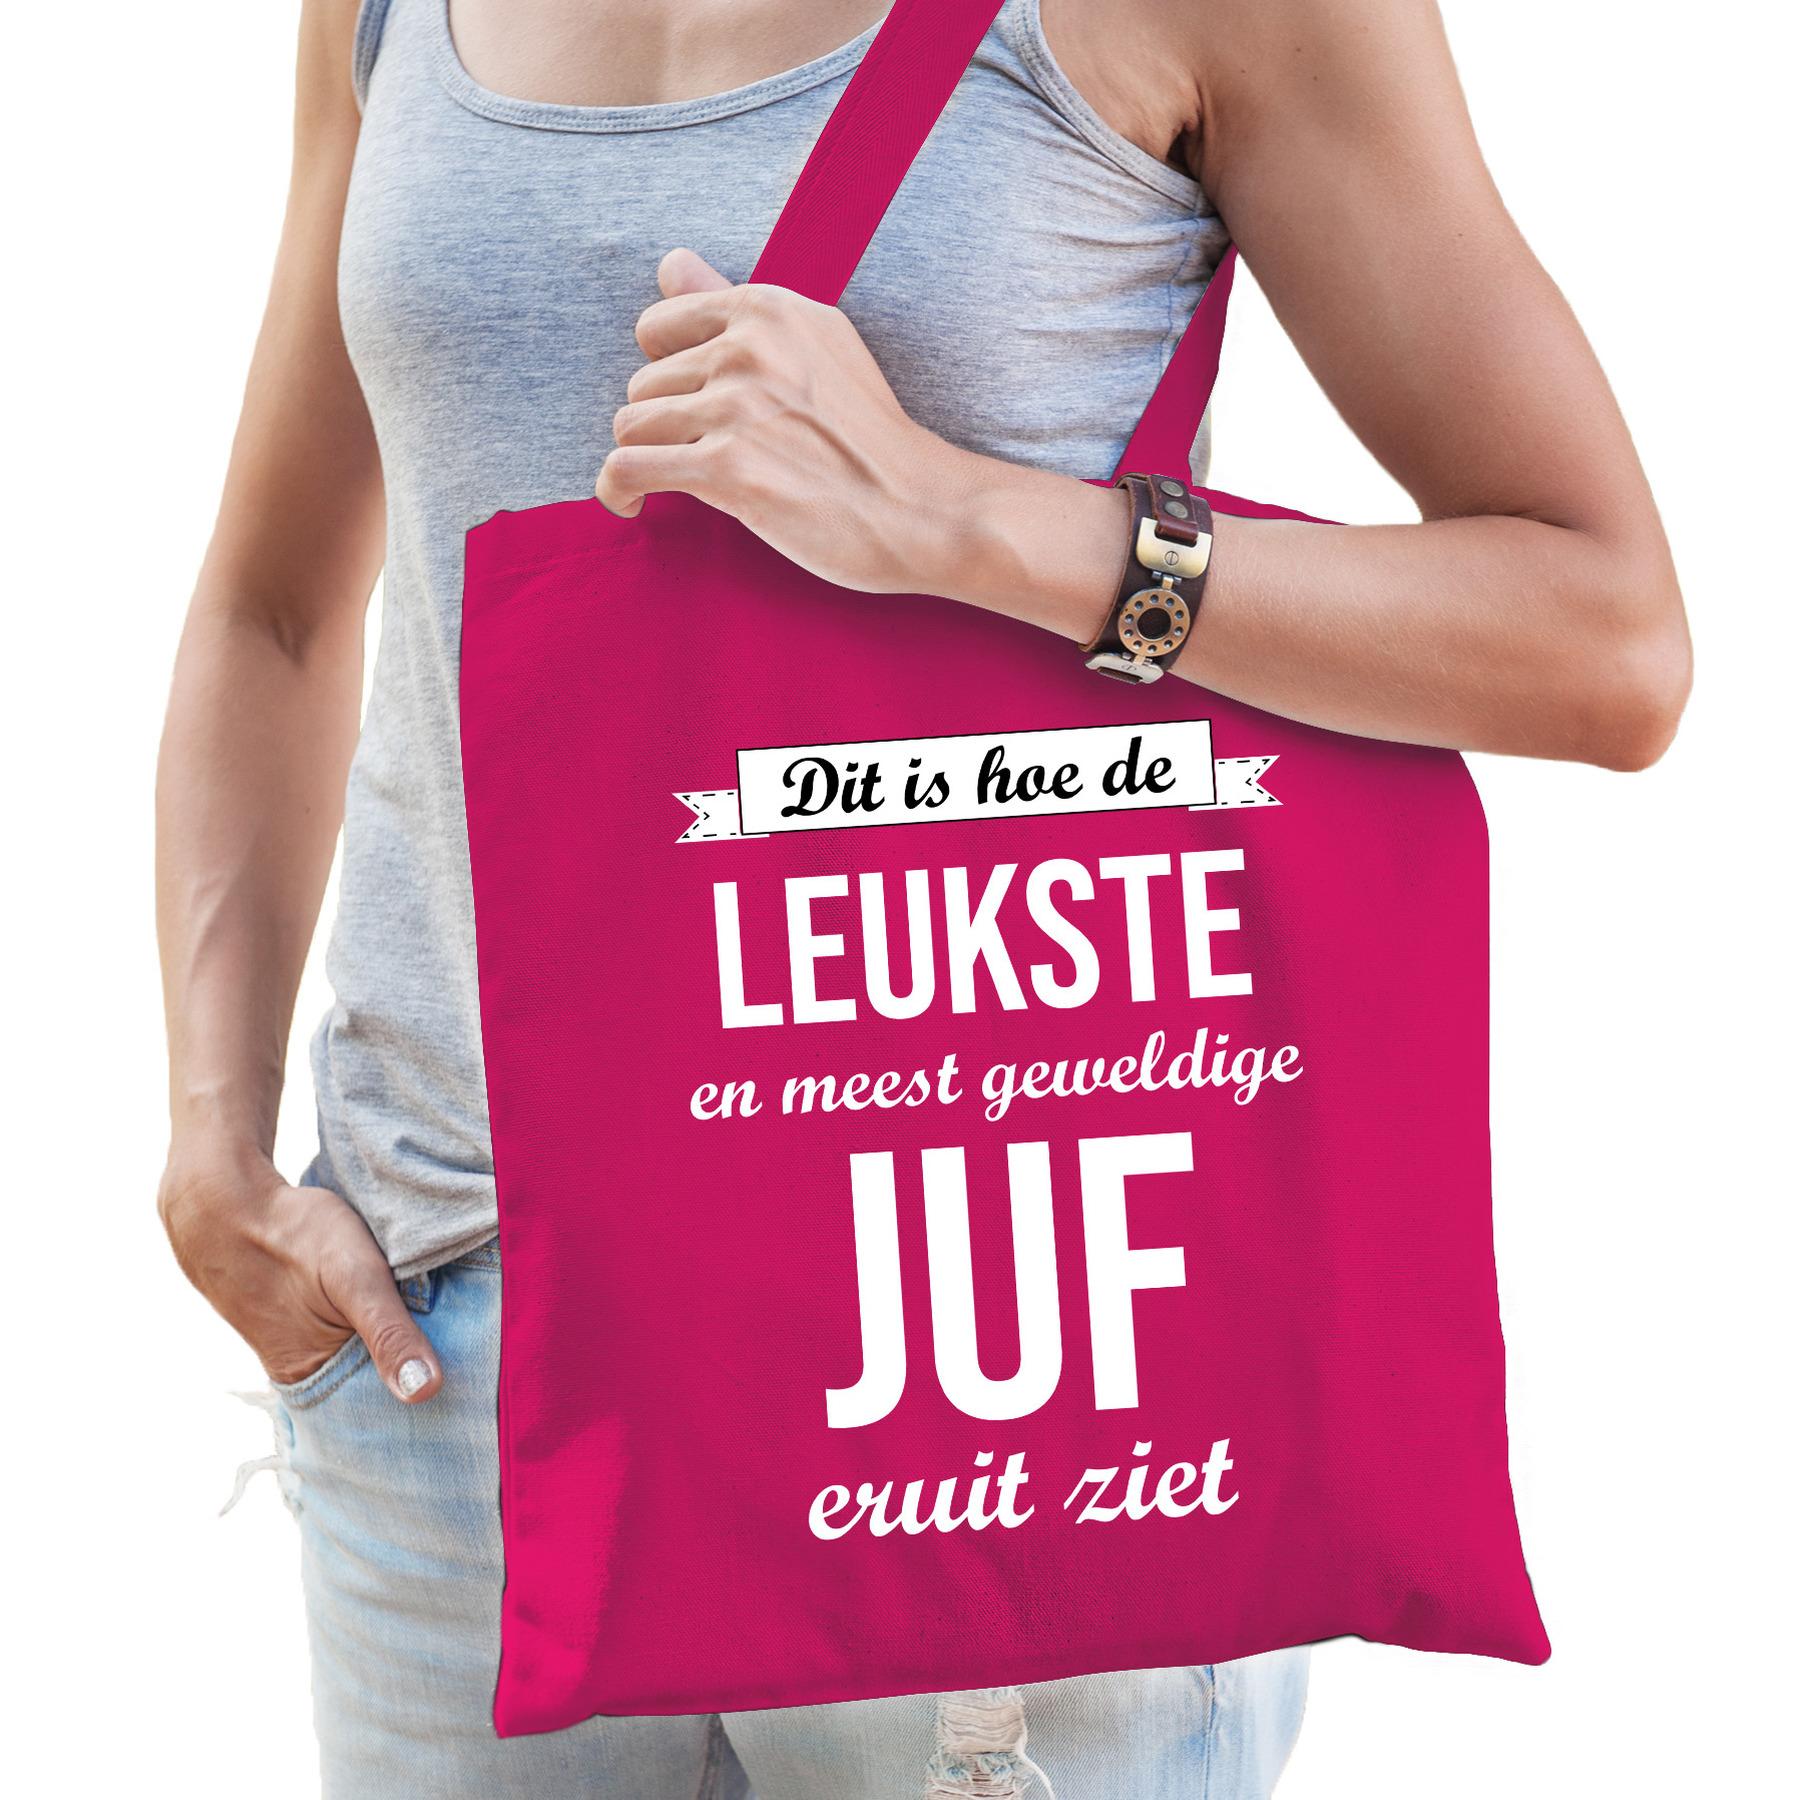 Leukste juf katoenen cadeau tas roze voor dames